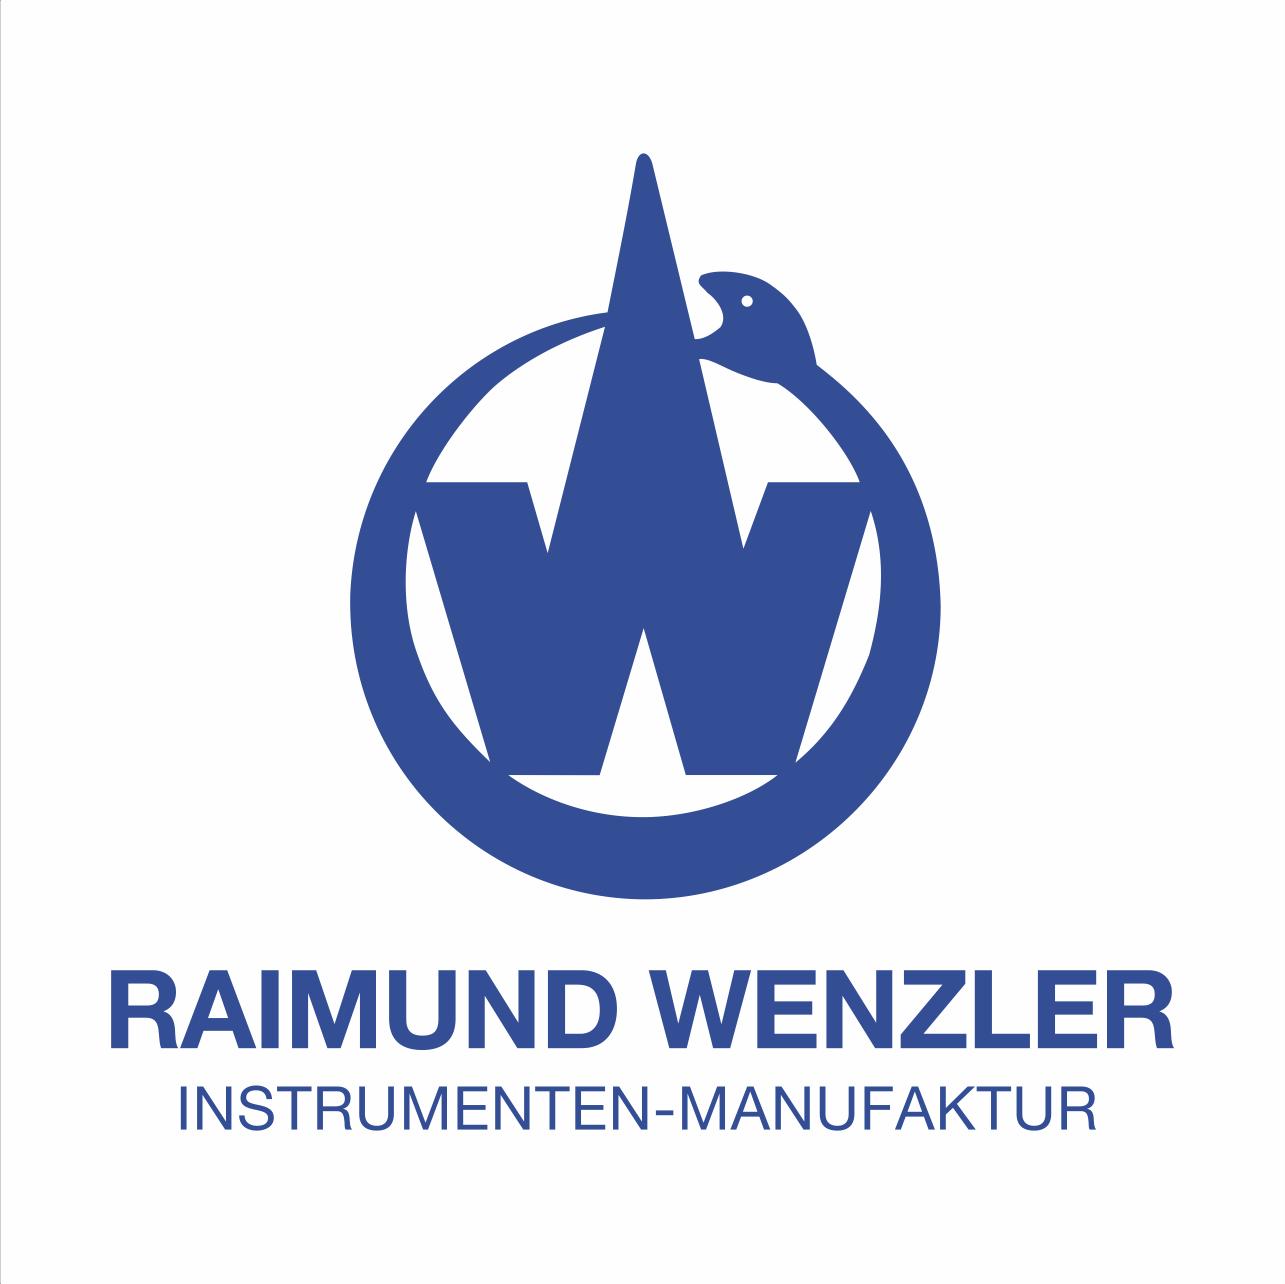 Raimund Wenzler